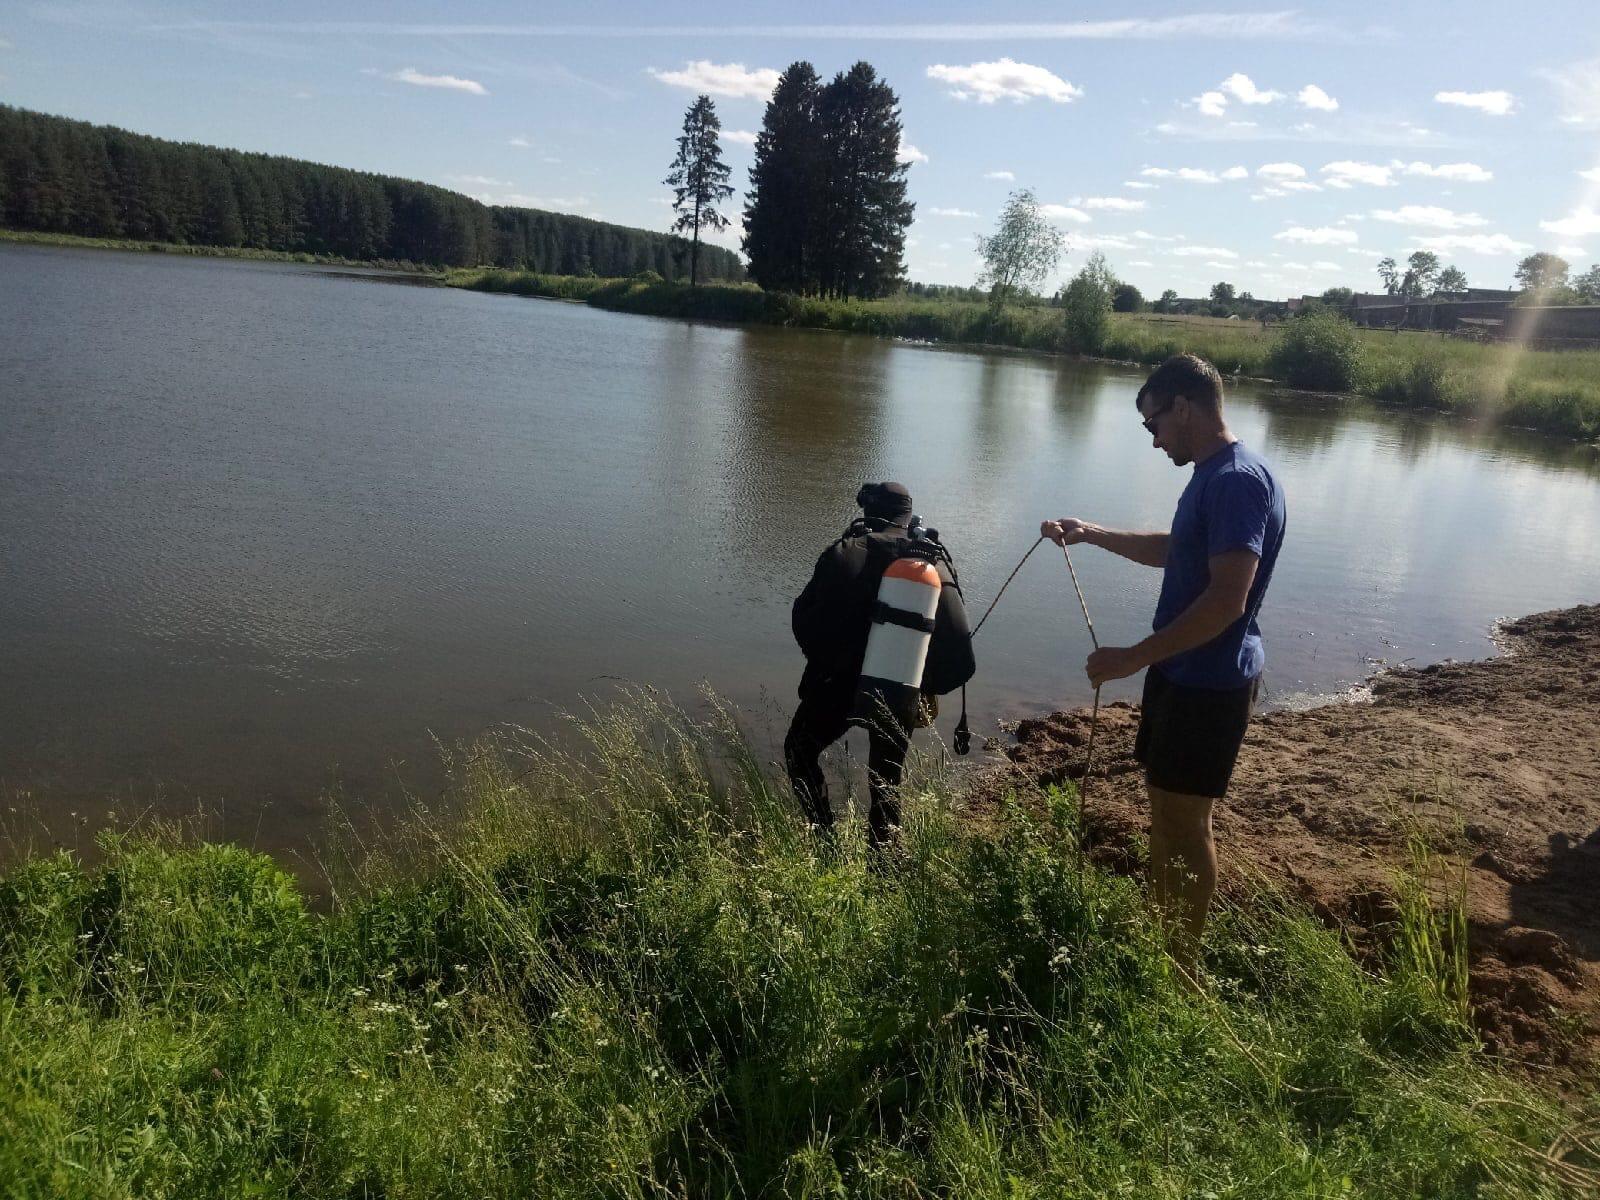 Сегодня водолазы исследовали дно Пазяльского пруда. Посторонних